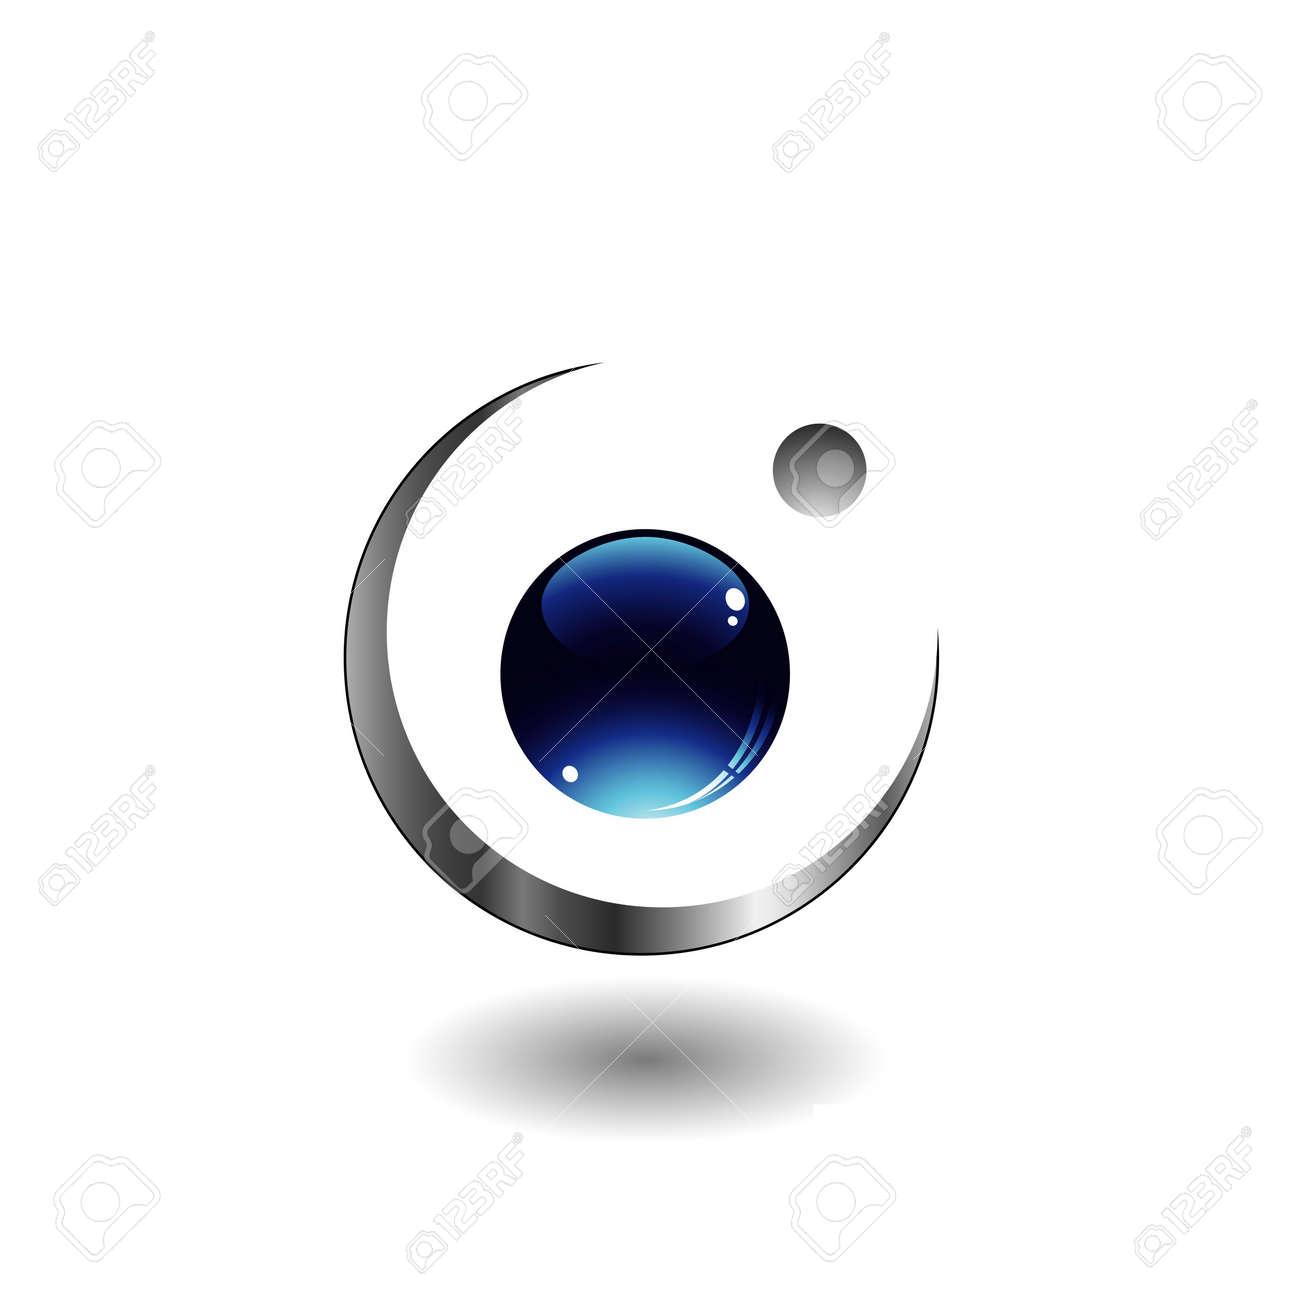 3d ball logo - 17372684